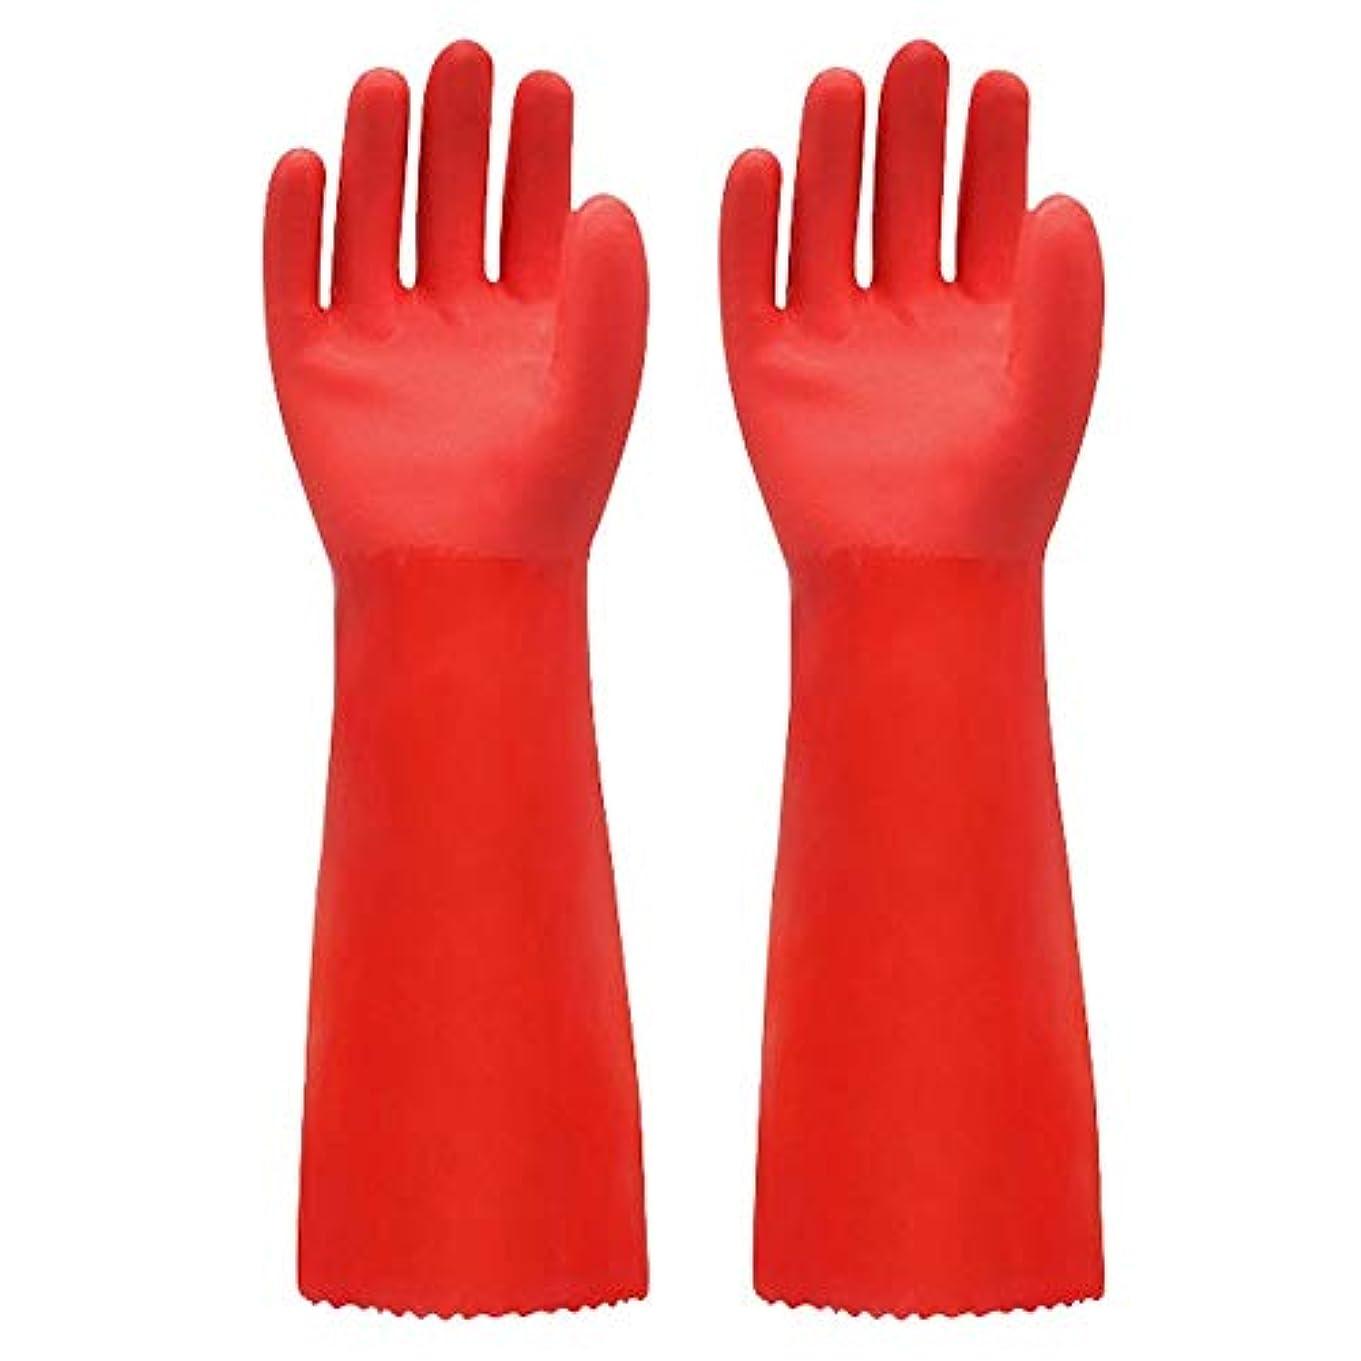 行分数より平らなBTXXYJP キッチン用手袋 手袋 掃除用 ロング 耐摩耗 食器洗い 作業 炊事 食器洗い 園芸 洗車 防水 手袋 (Color : RED, Size : L)